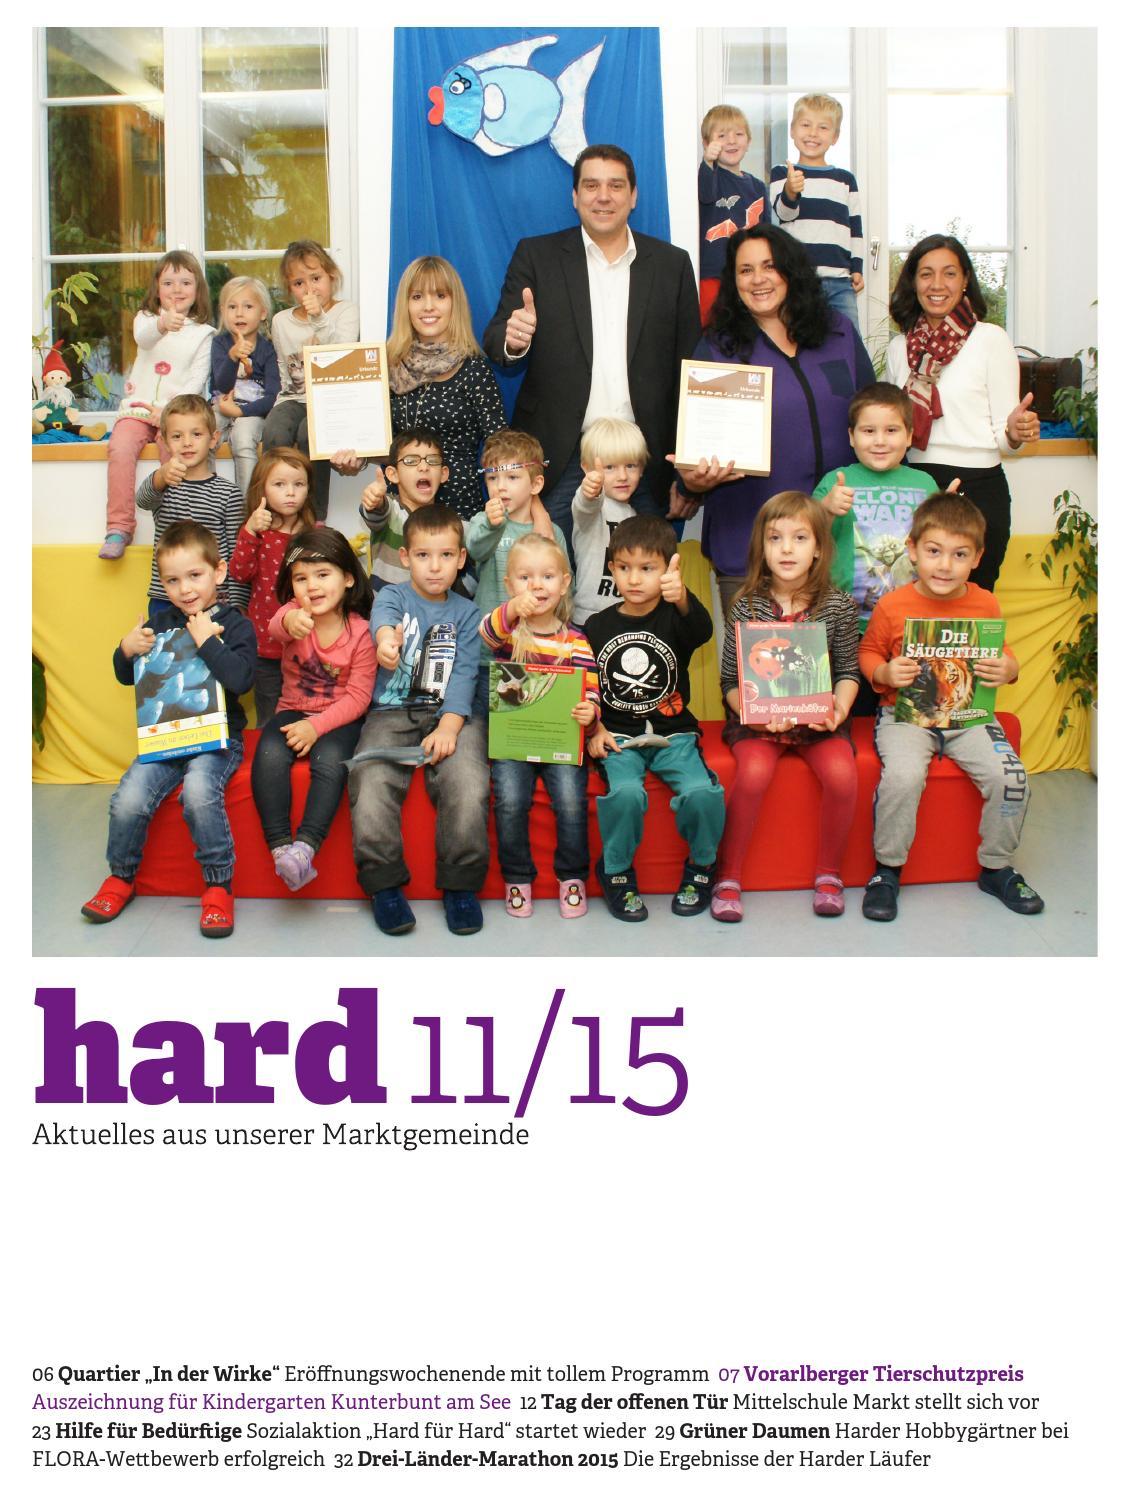 Http zarell.com anzeigen k besamung. Partnersuche